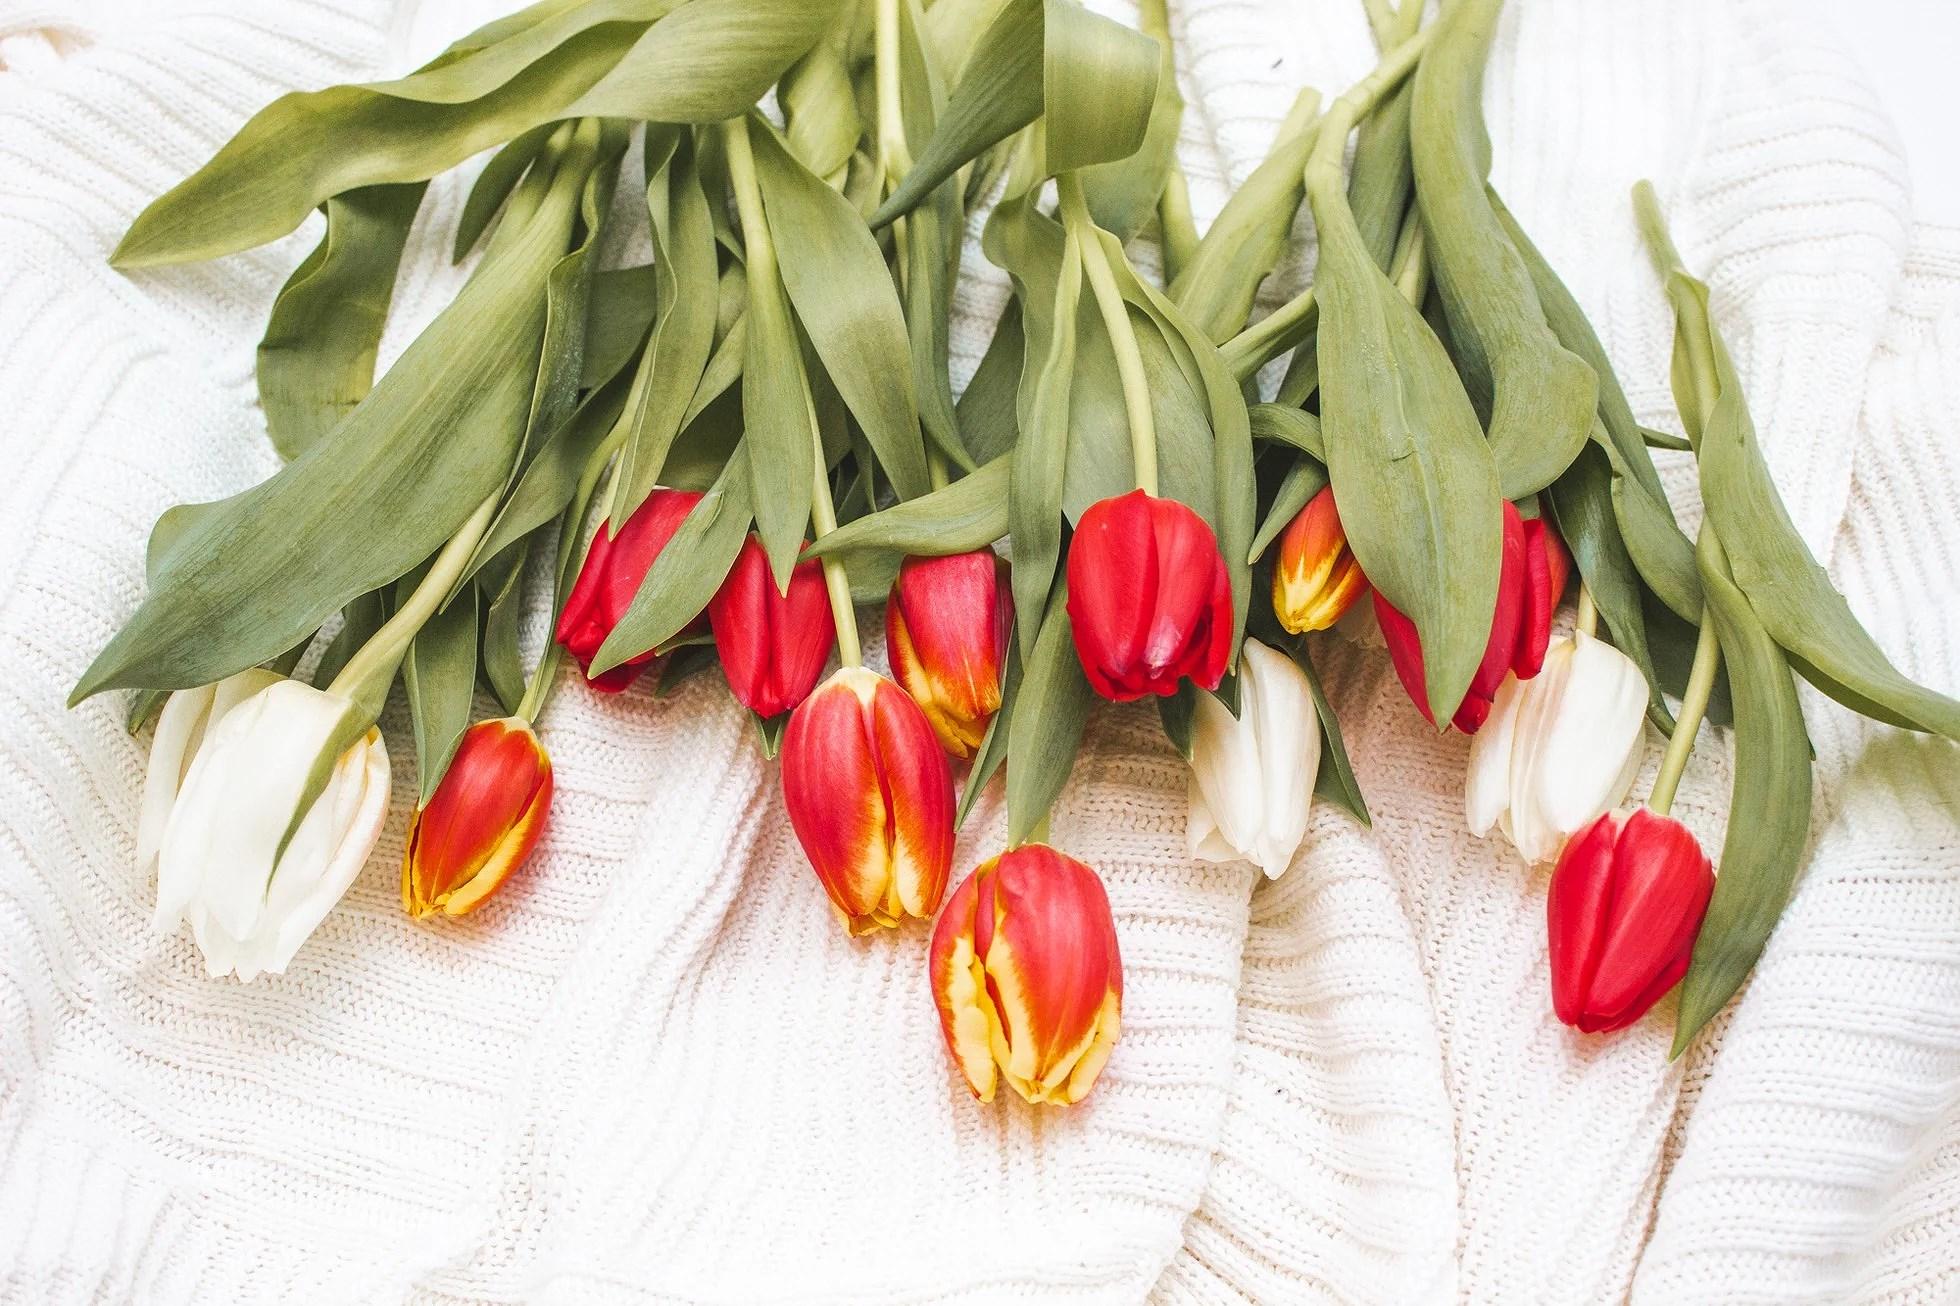 Kuinka saada tulppaanit säilymään kauniina pidempään